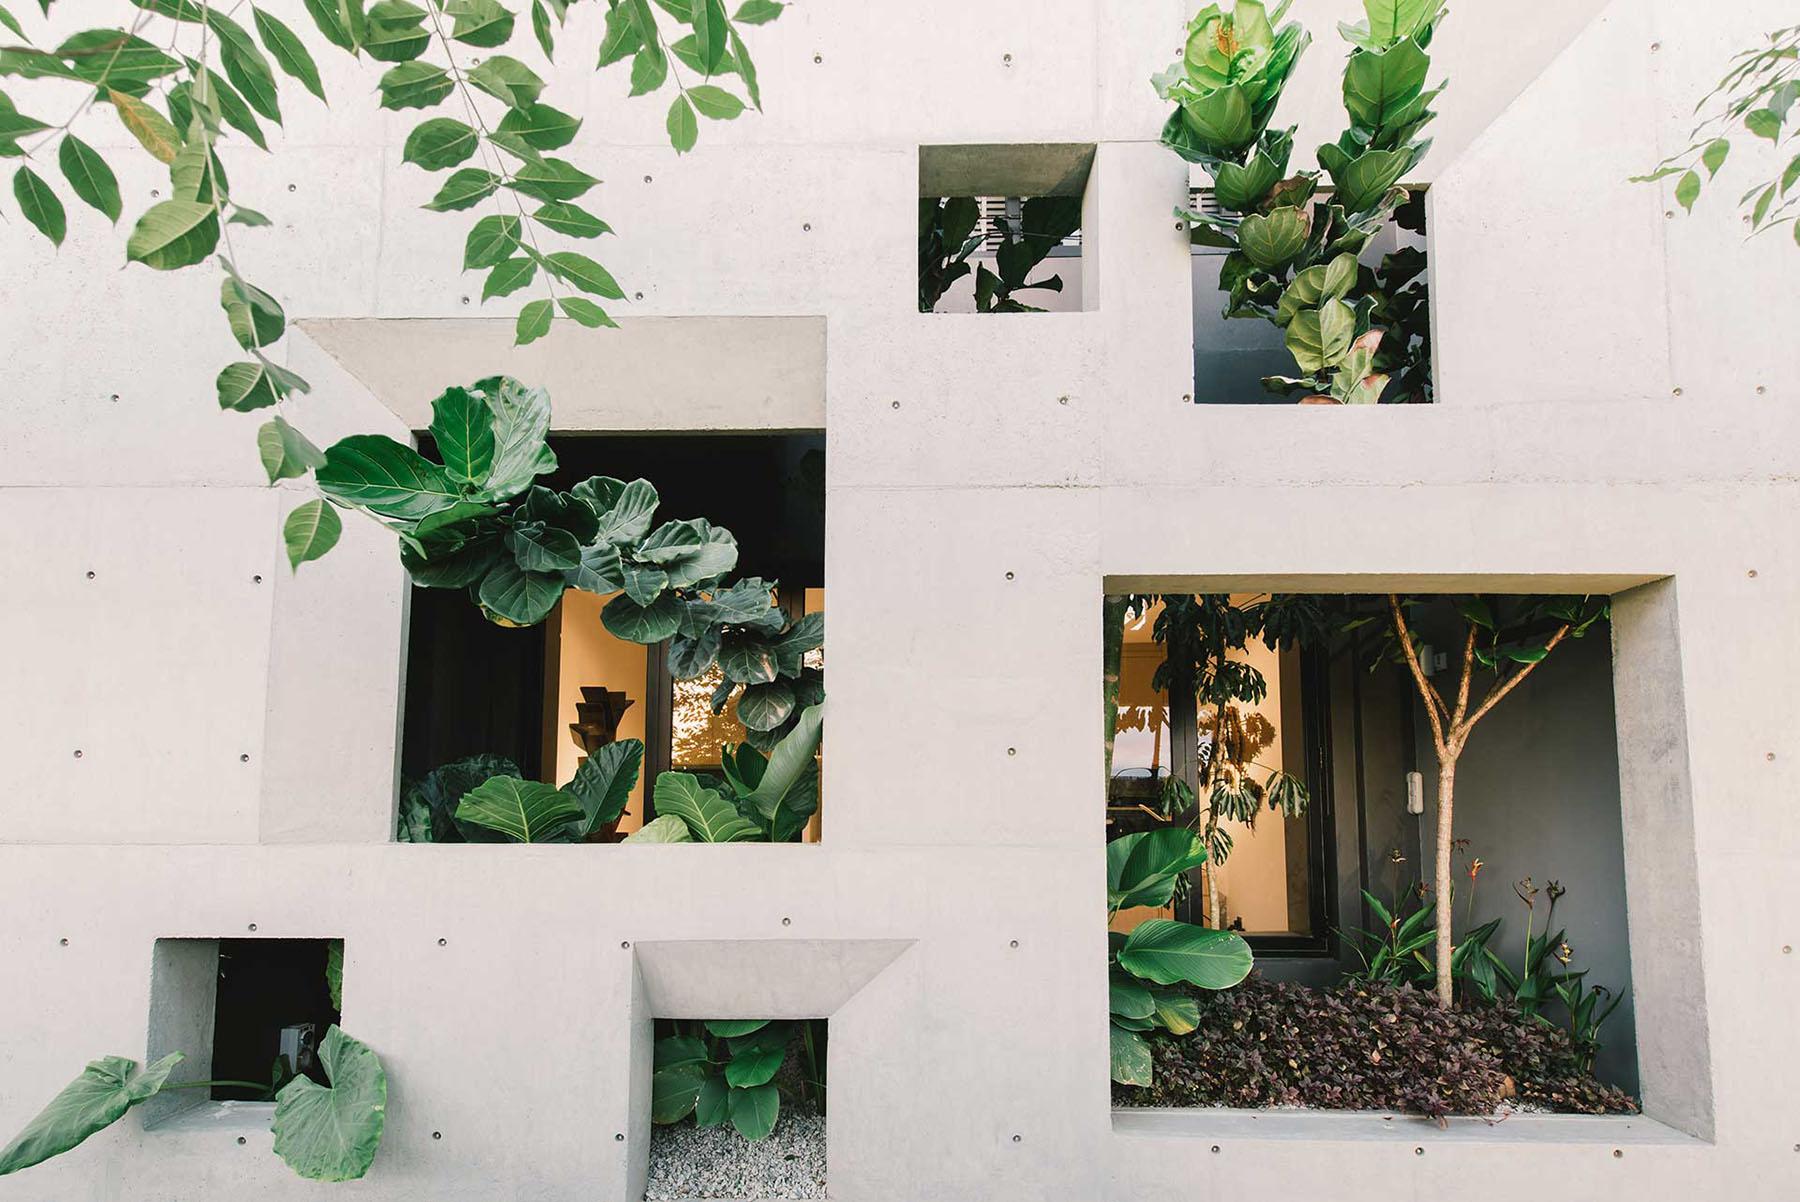 iGNANT-Architecture-Formzero-Window-House-09